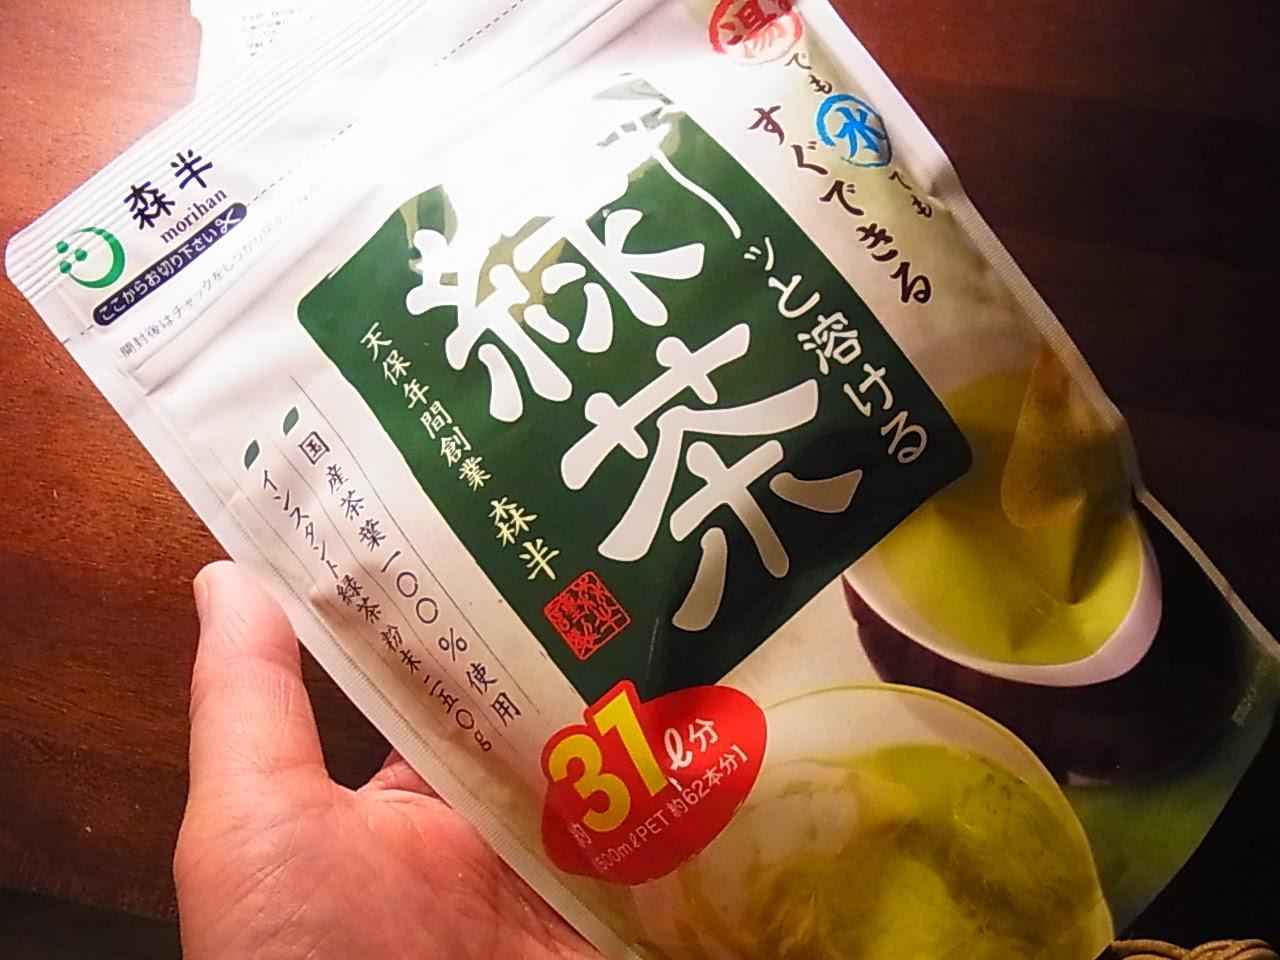 コストコで買える森半のインスタント緑茶。かなりお得。